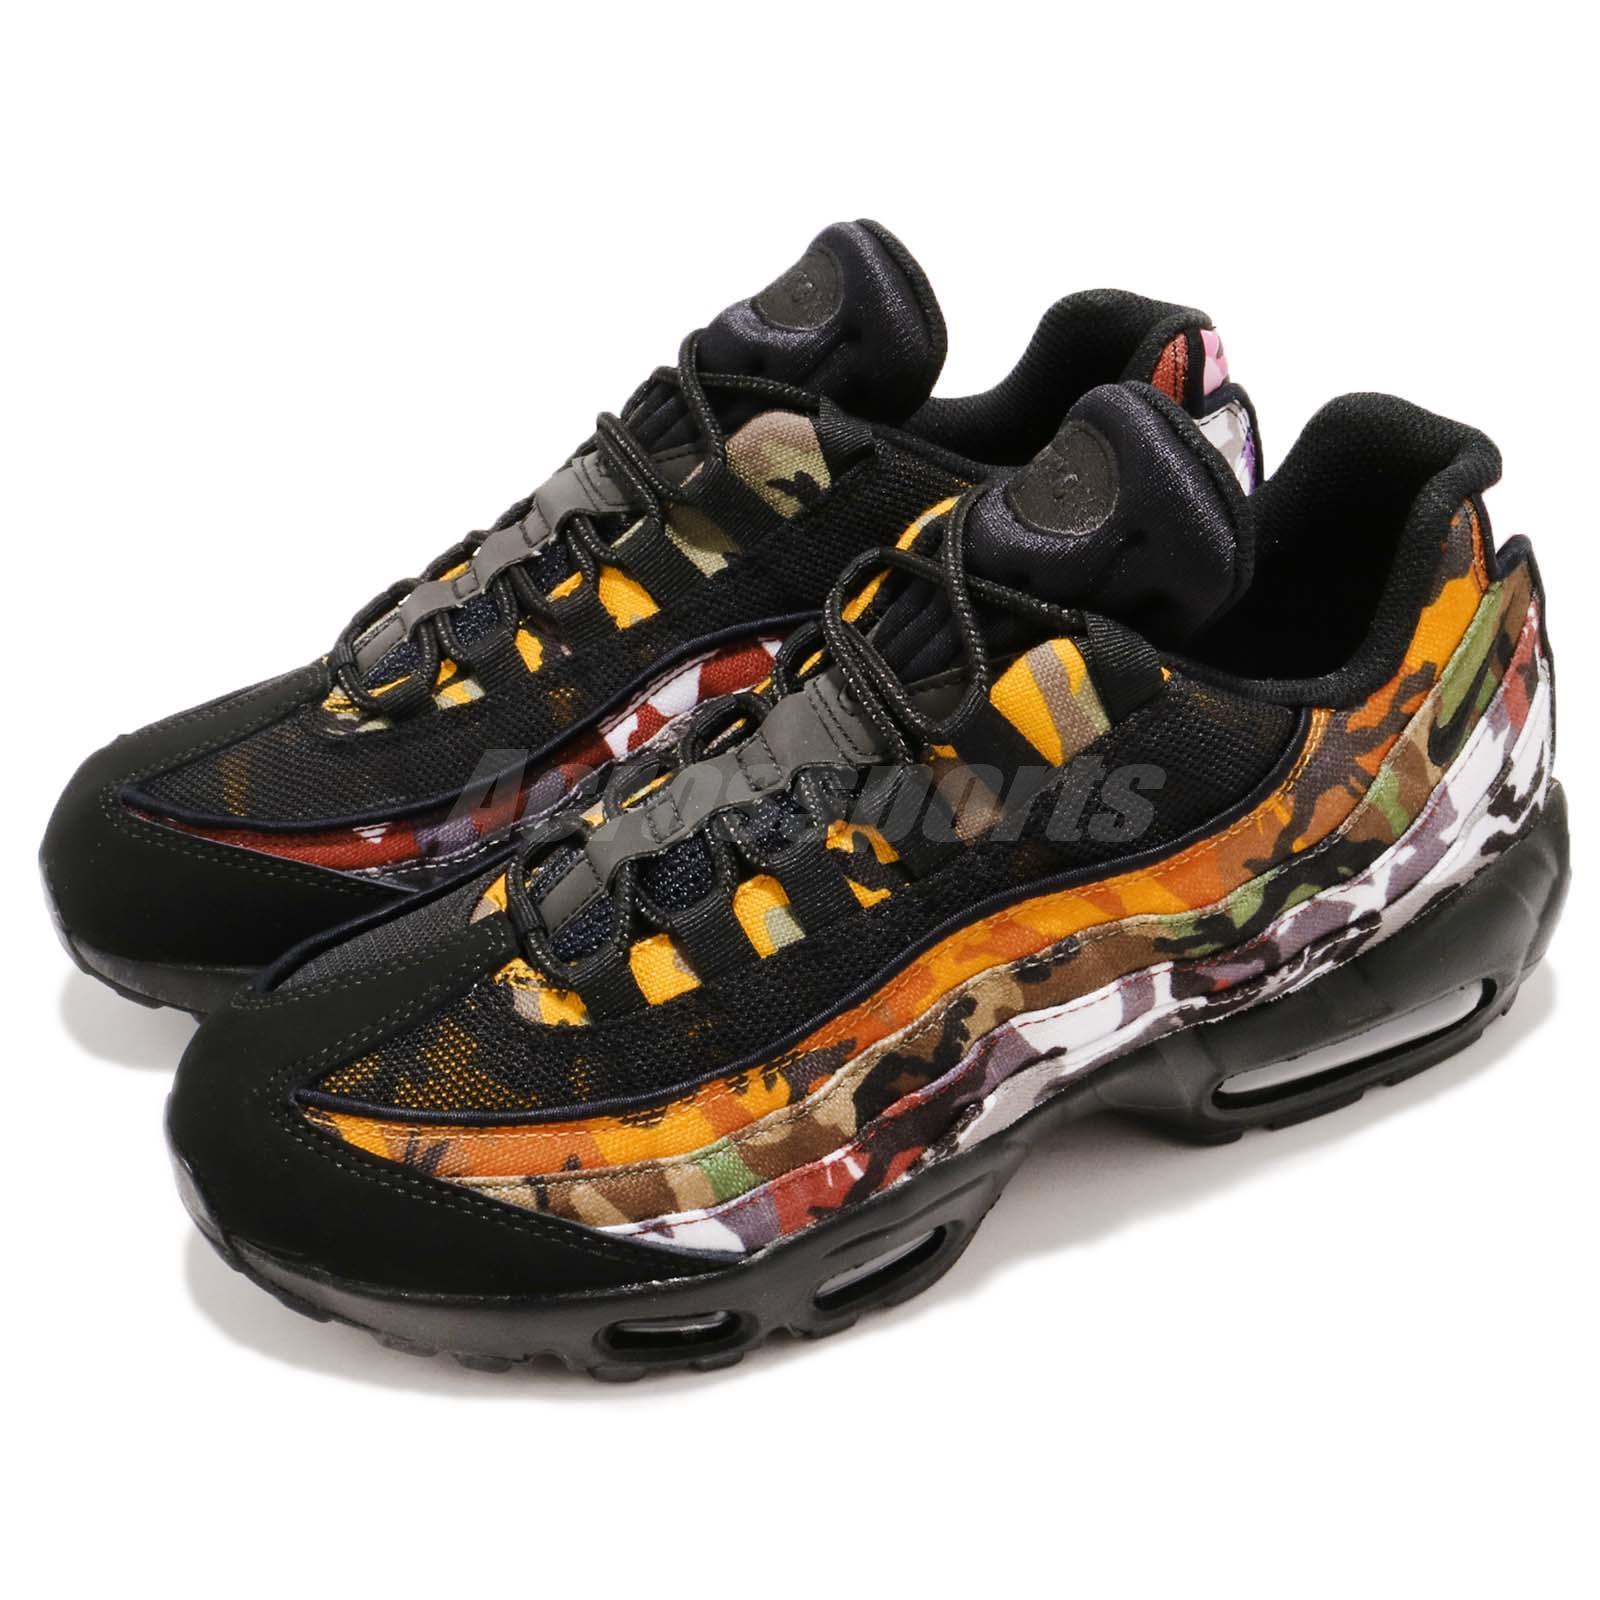 Details about Nike Air Max 95 ERDL Party Black Multi-Color Camo Print NSW  Men Shoes AR4473-001 6fec447d901